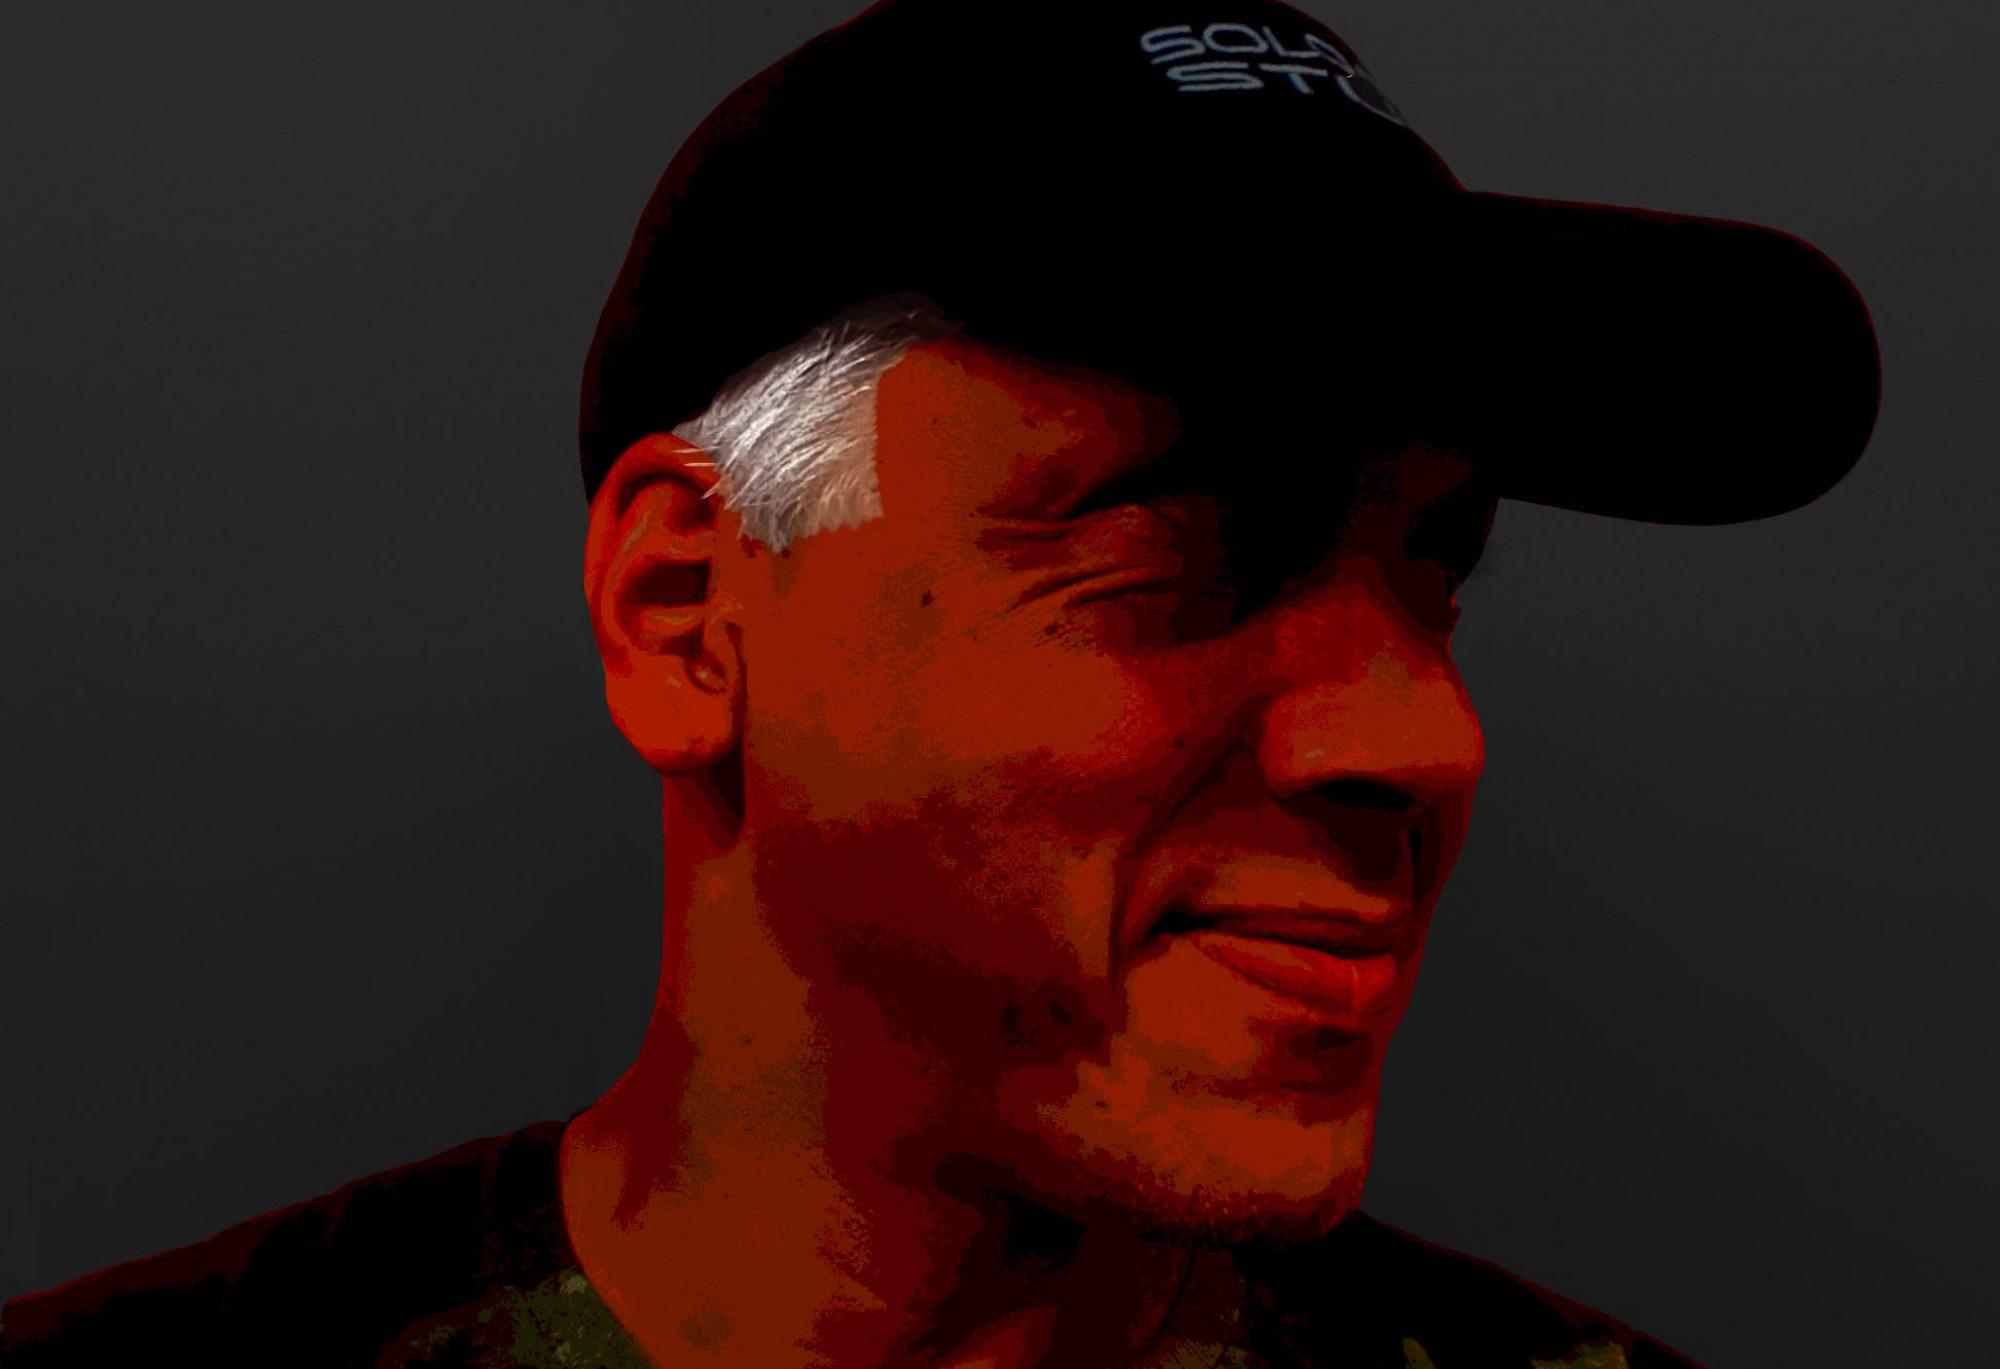 Alan Toussaint